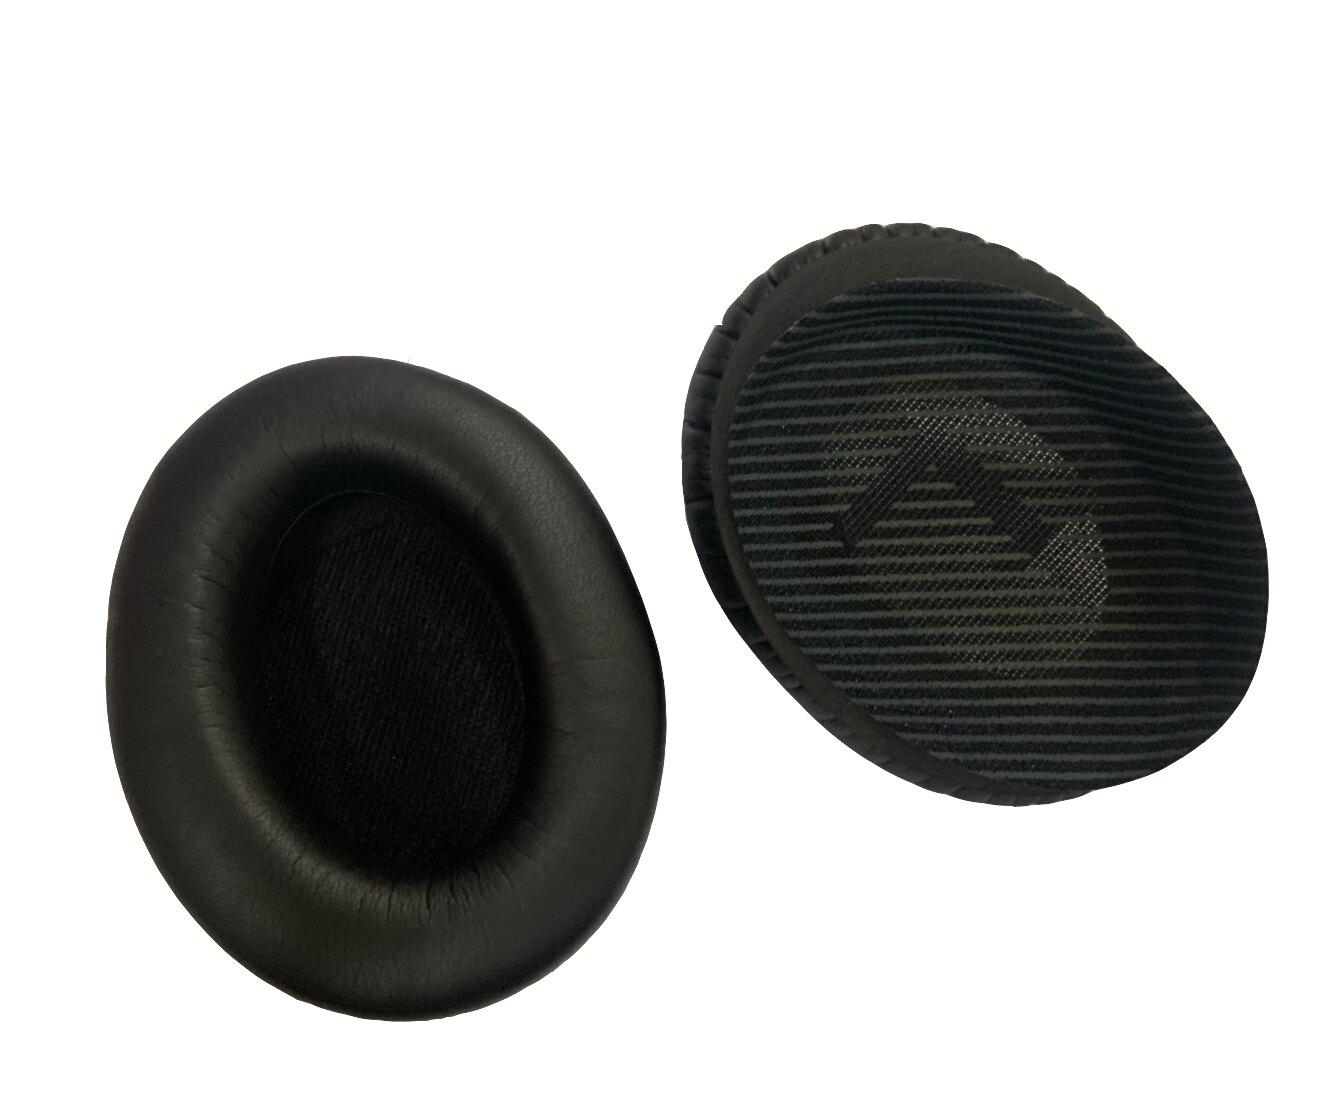 Bose 博士 QC35 替換耳罩 專用耳罩 + 耳墊   金曲音響